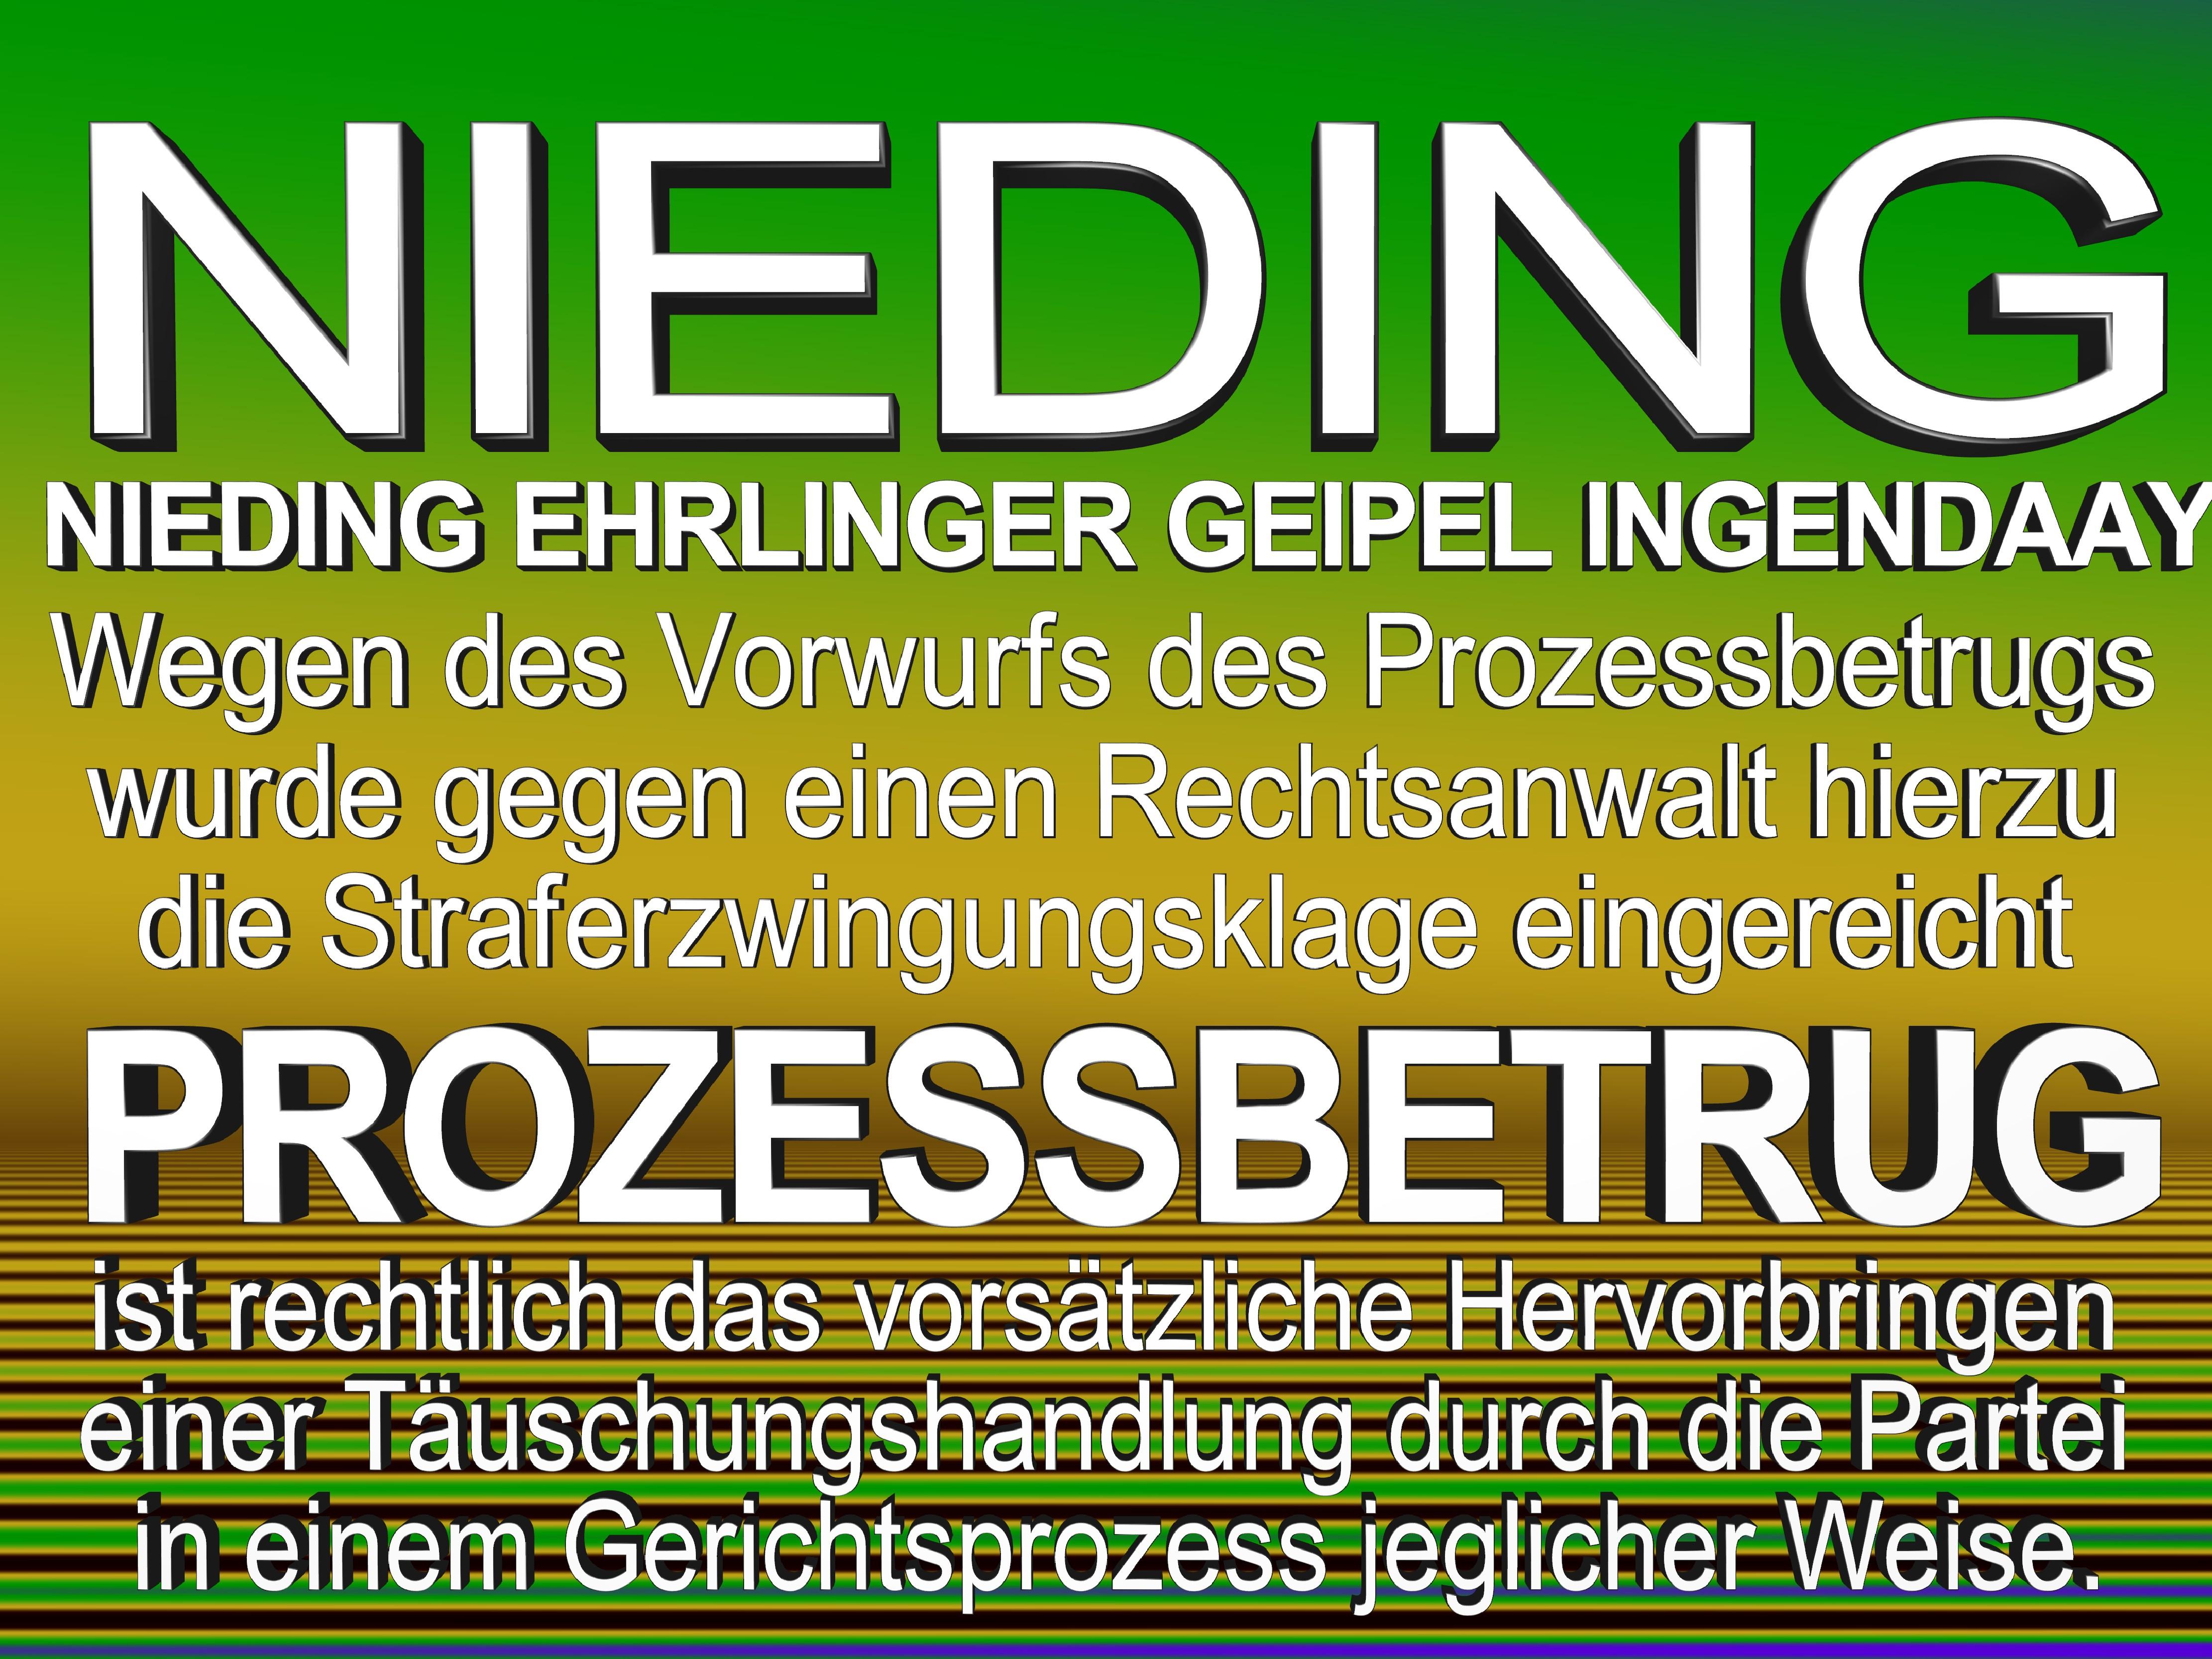 NIEDING EHRLINGER GEIPEL INGENDAAY LELKE Kurfürstendamm 66 Berlin (144)